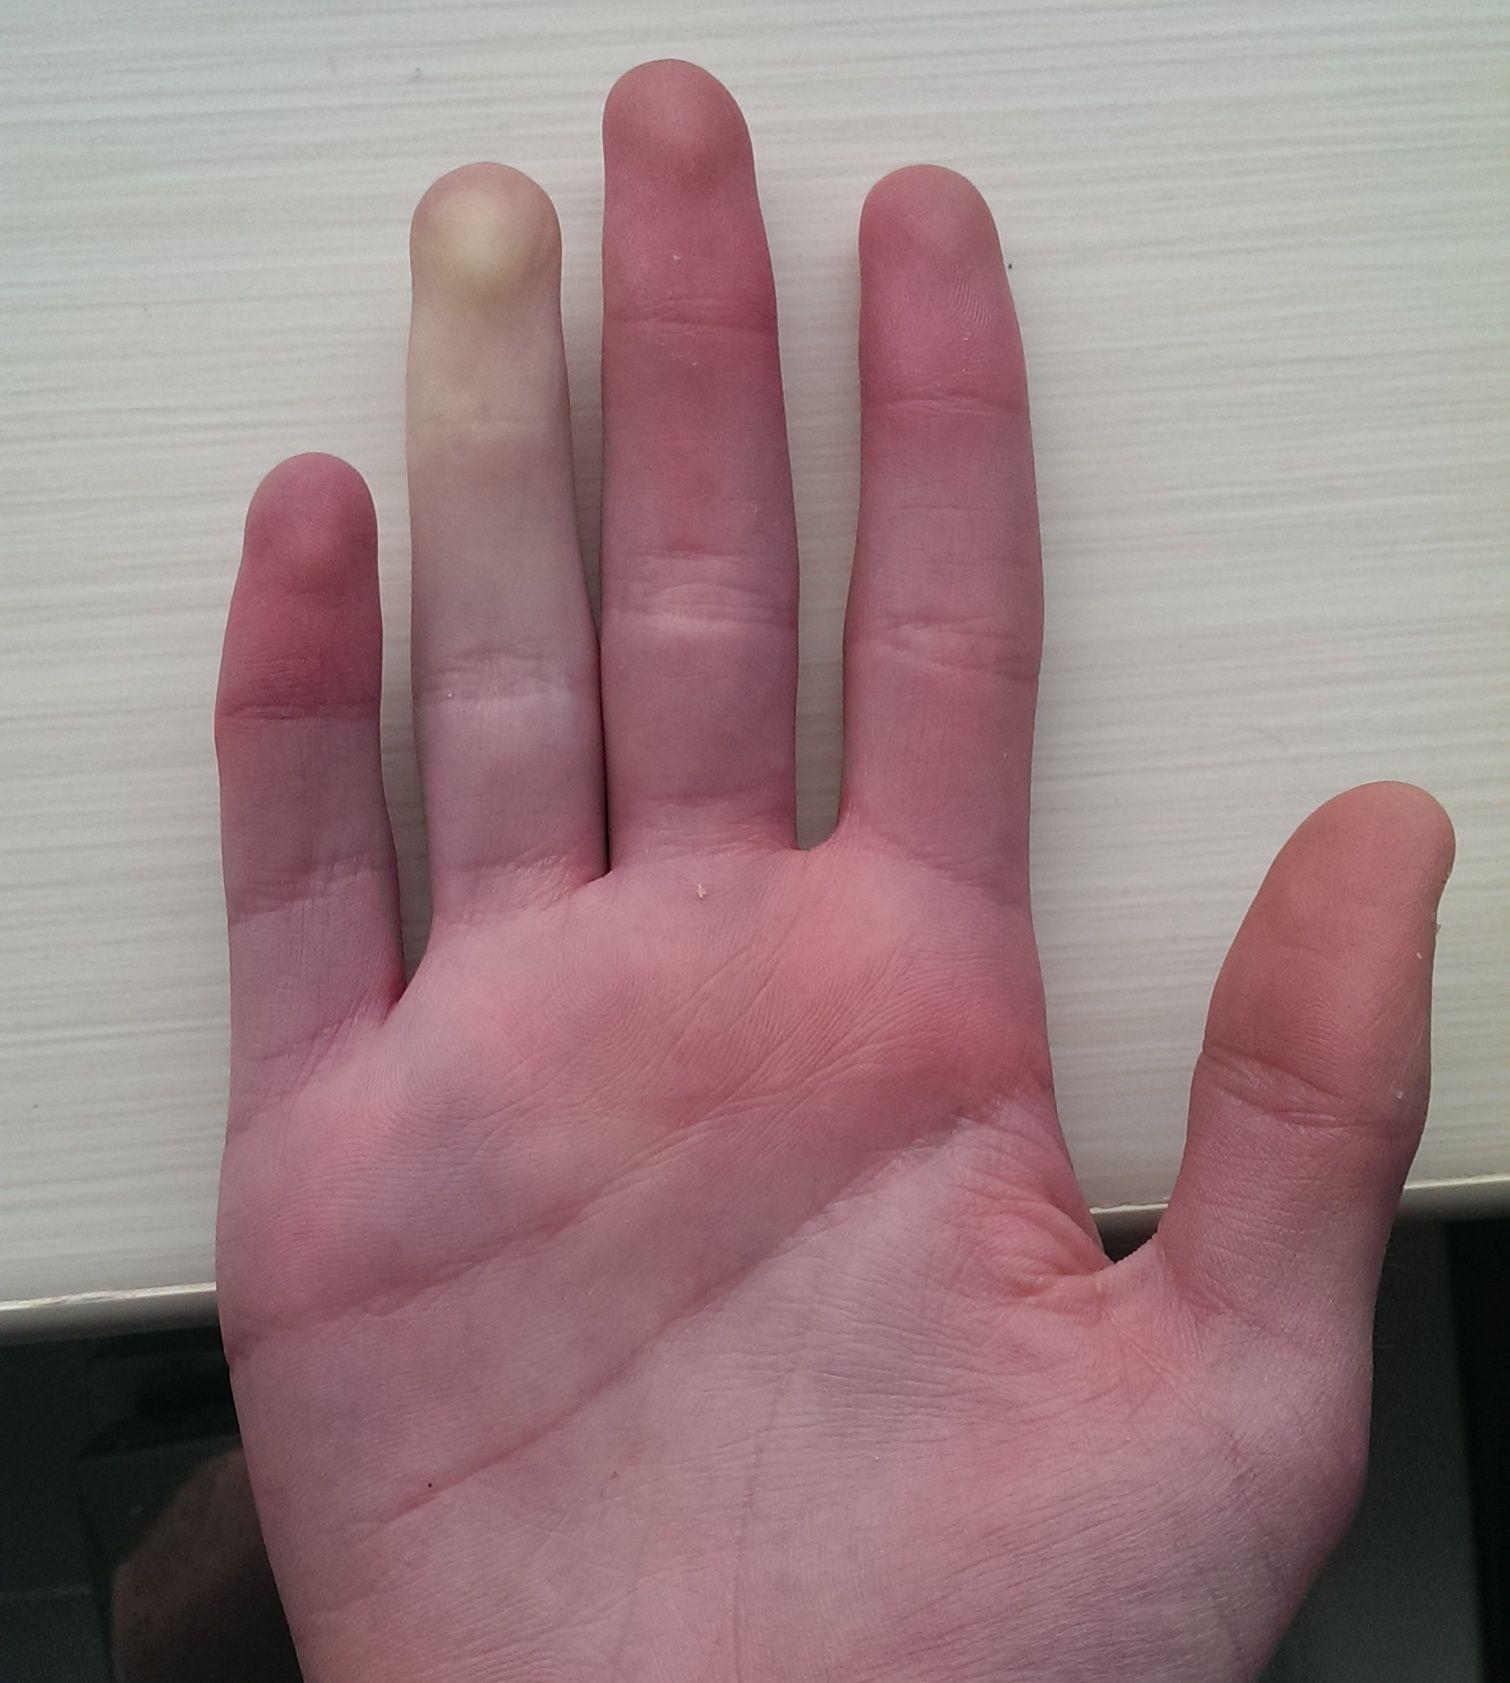 Drętwienie rąk objawem wielu poważnych chorób